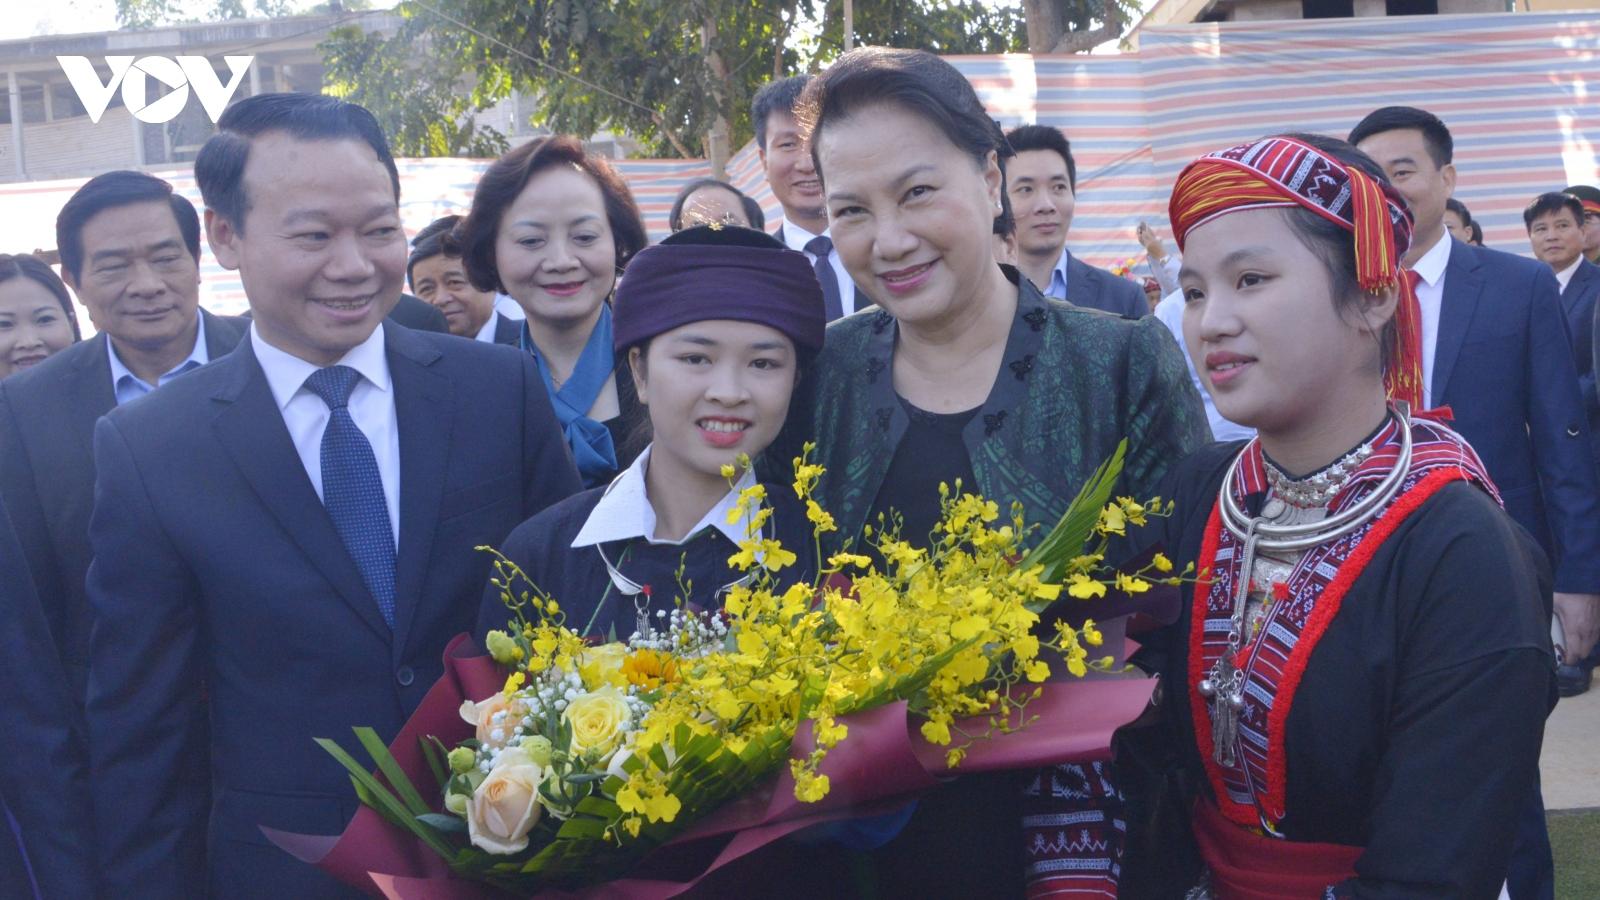 Chủ tịch Quốc hội dự Ngày hội Đại đoàn kết dân tộc tại Yên Bái